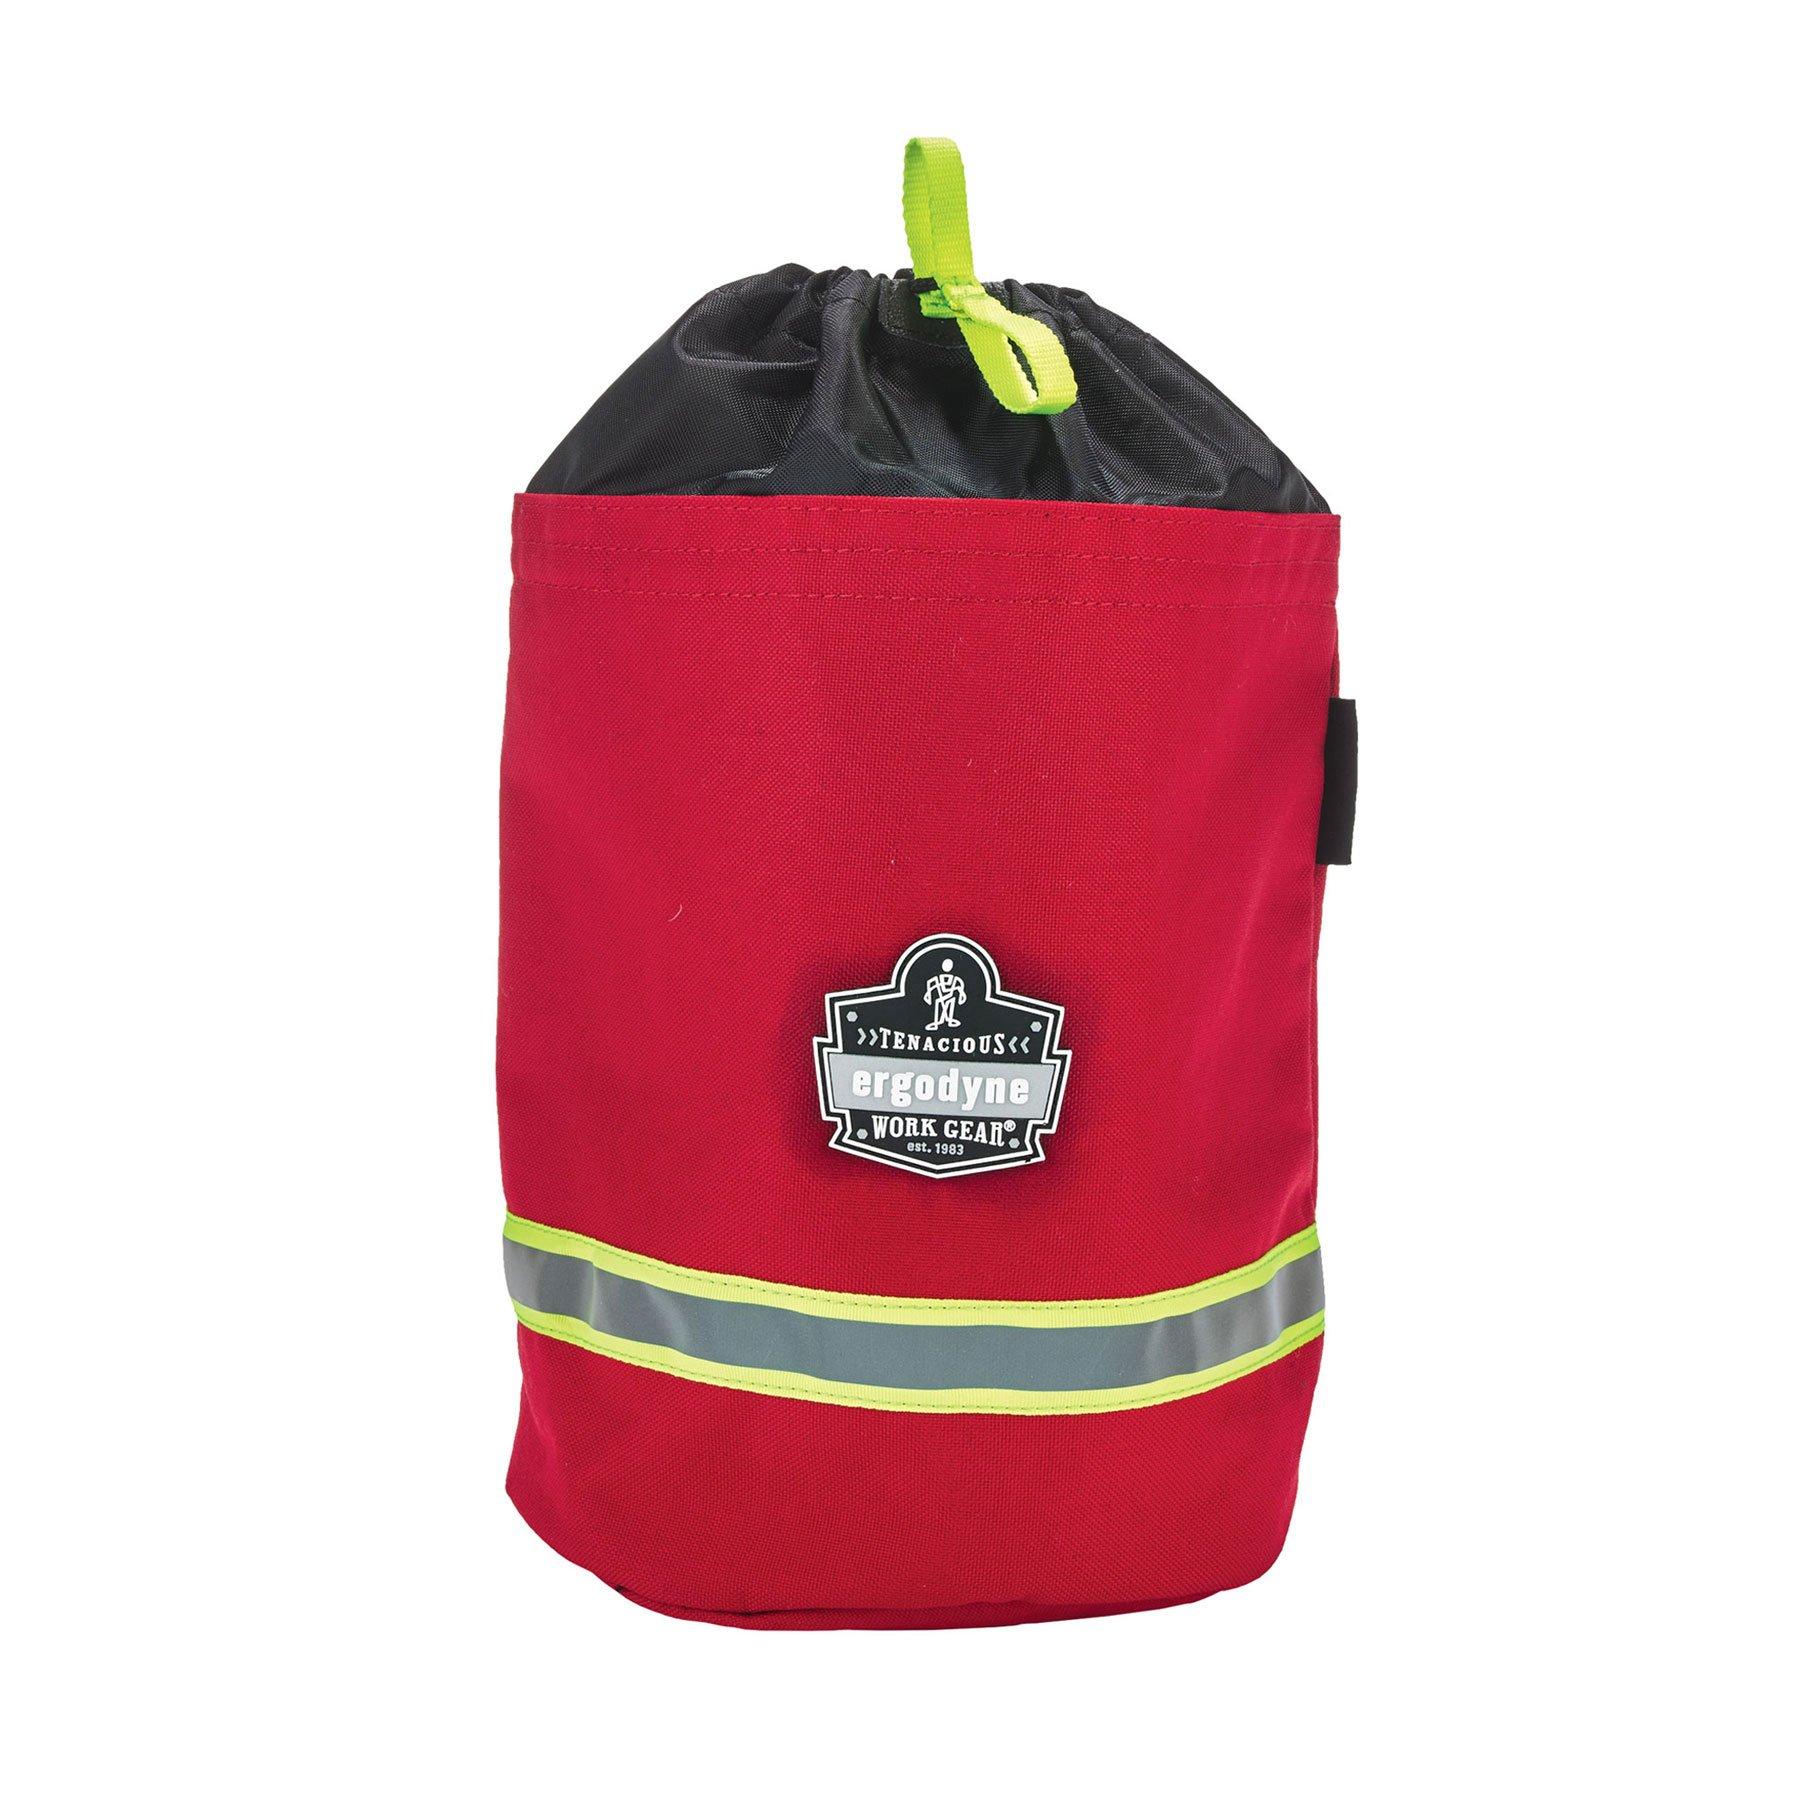 Ergodyne Arsenal 5080 Fireman's SCBA Respirator Firefighter Mask Bag for Air Pack